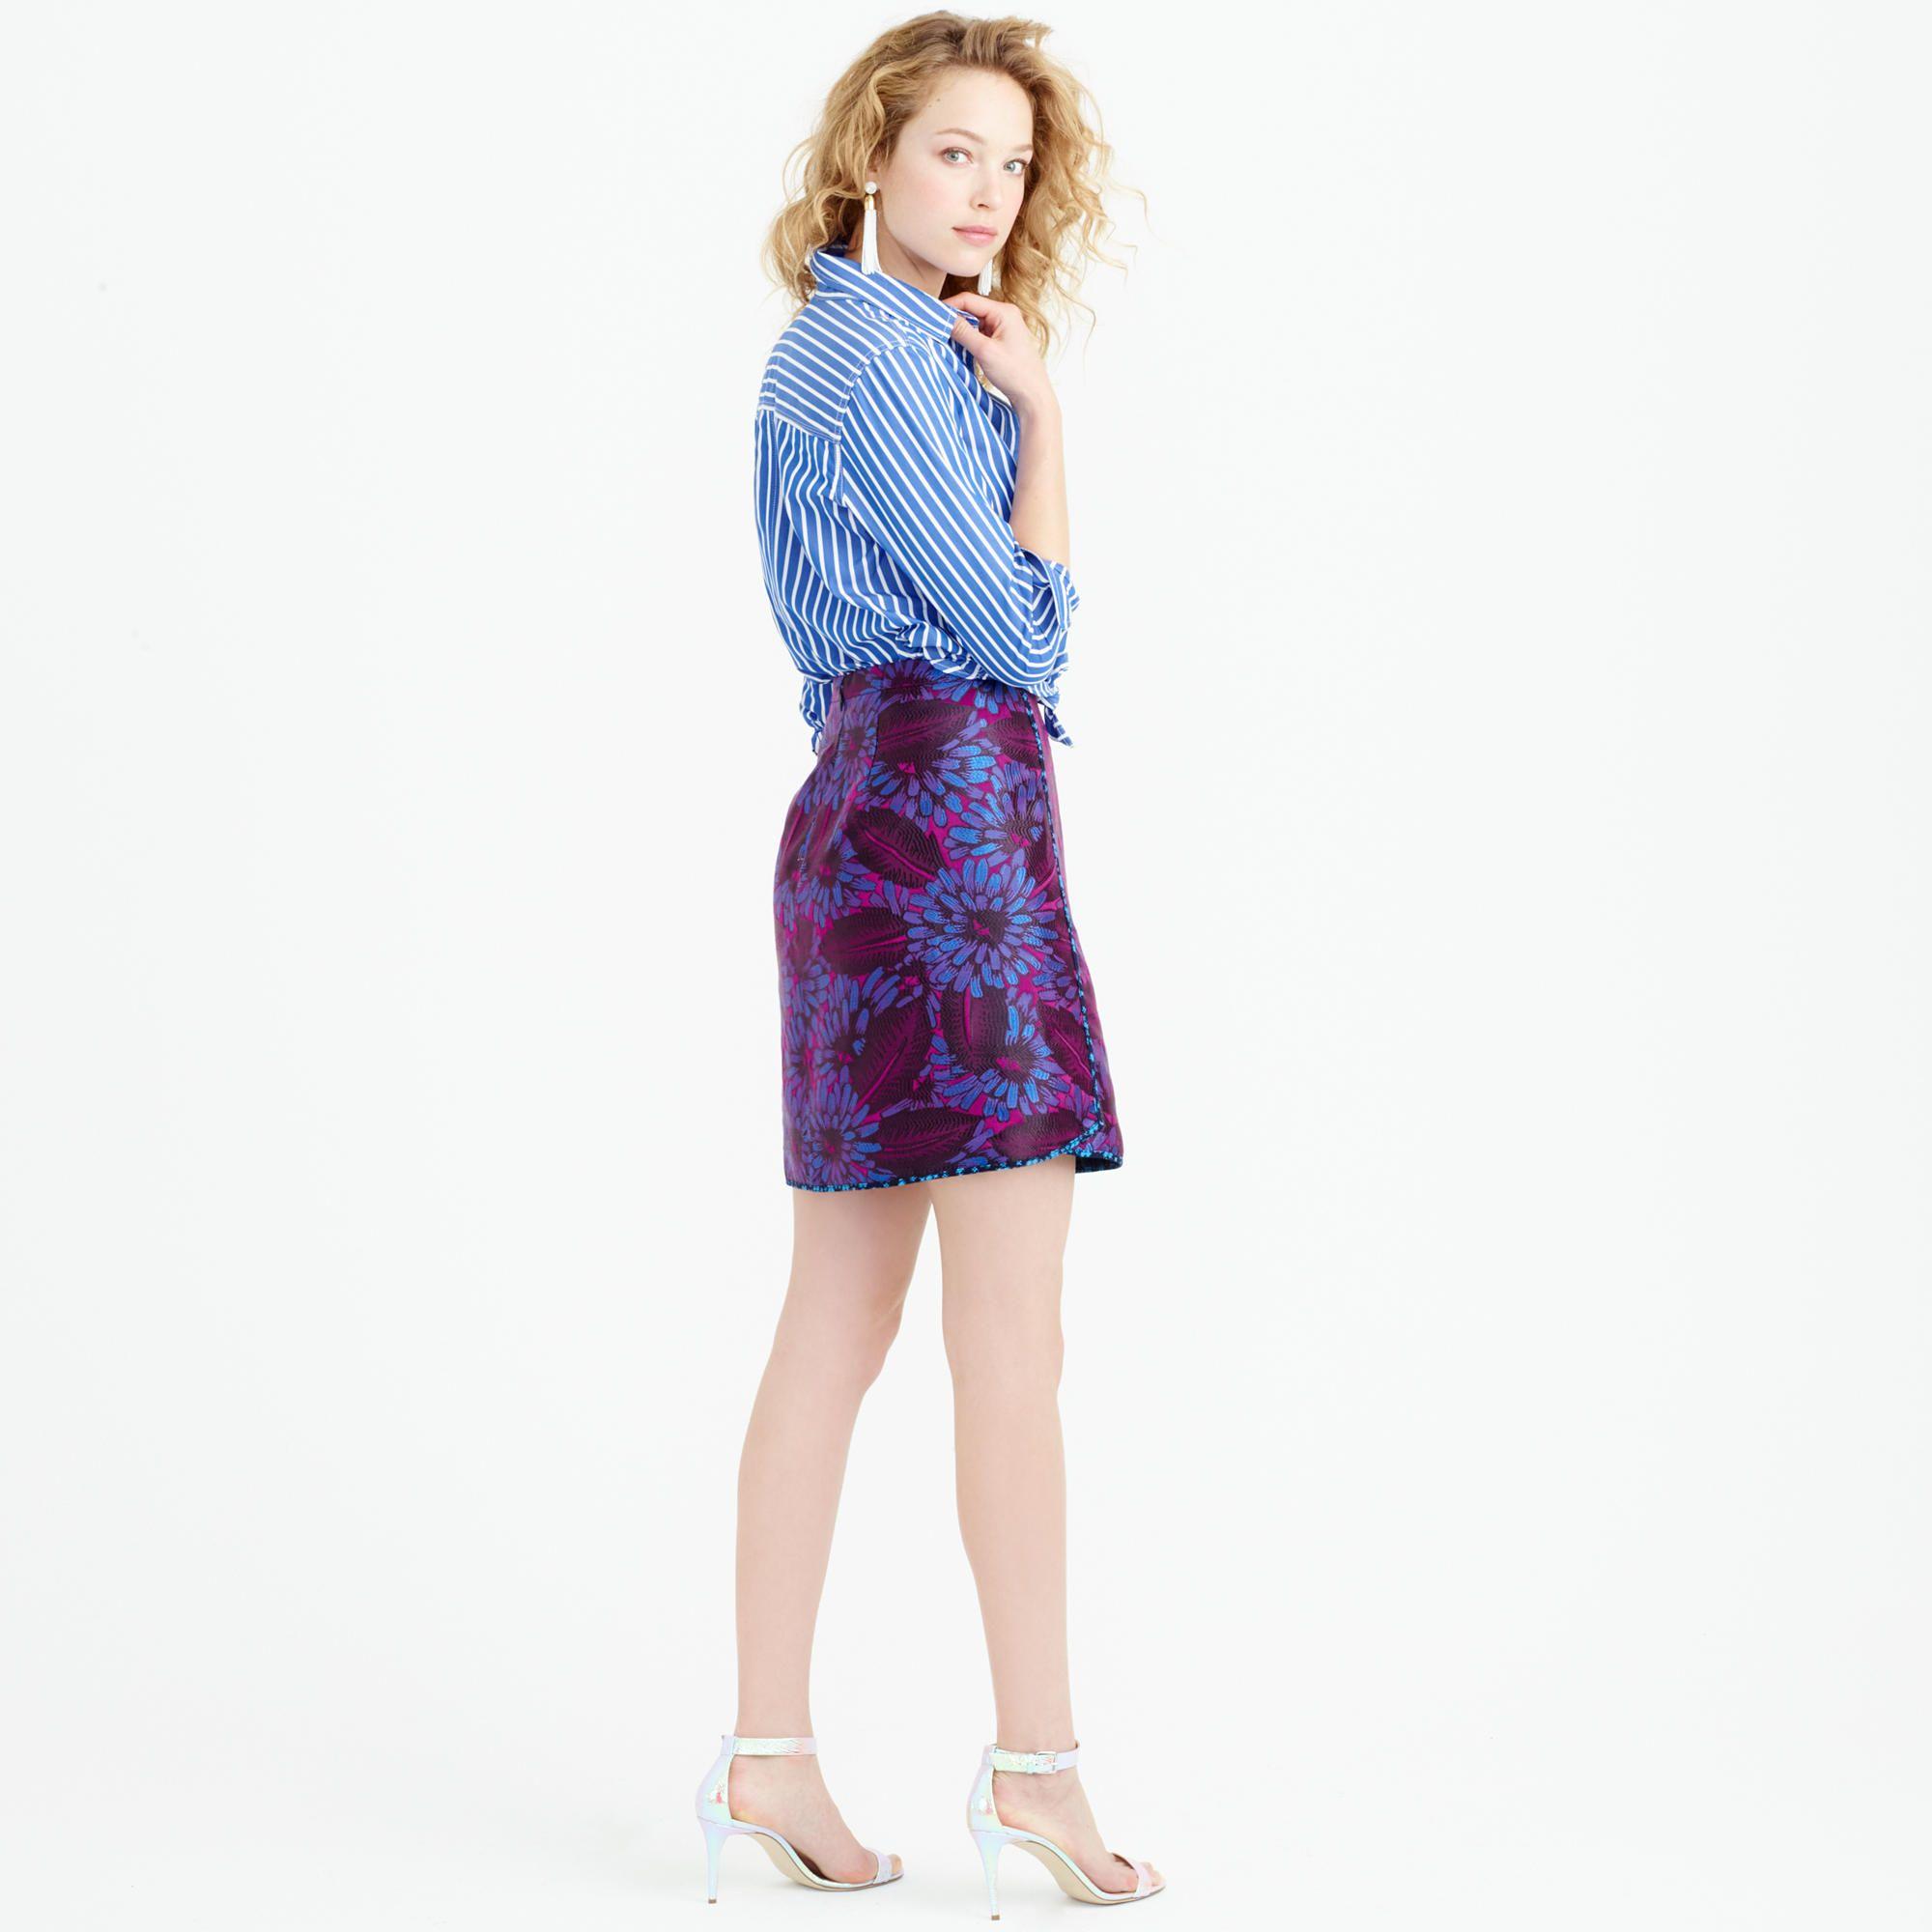 Fashion Mini Skirt 32